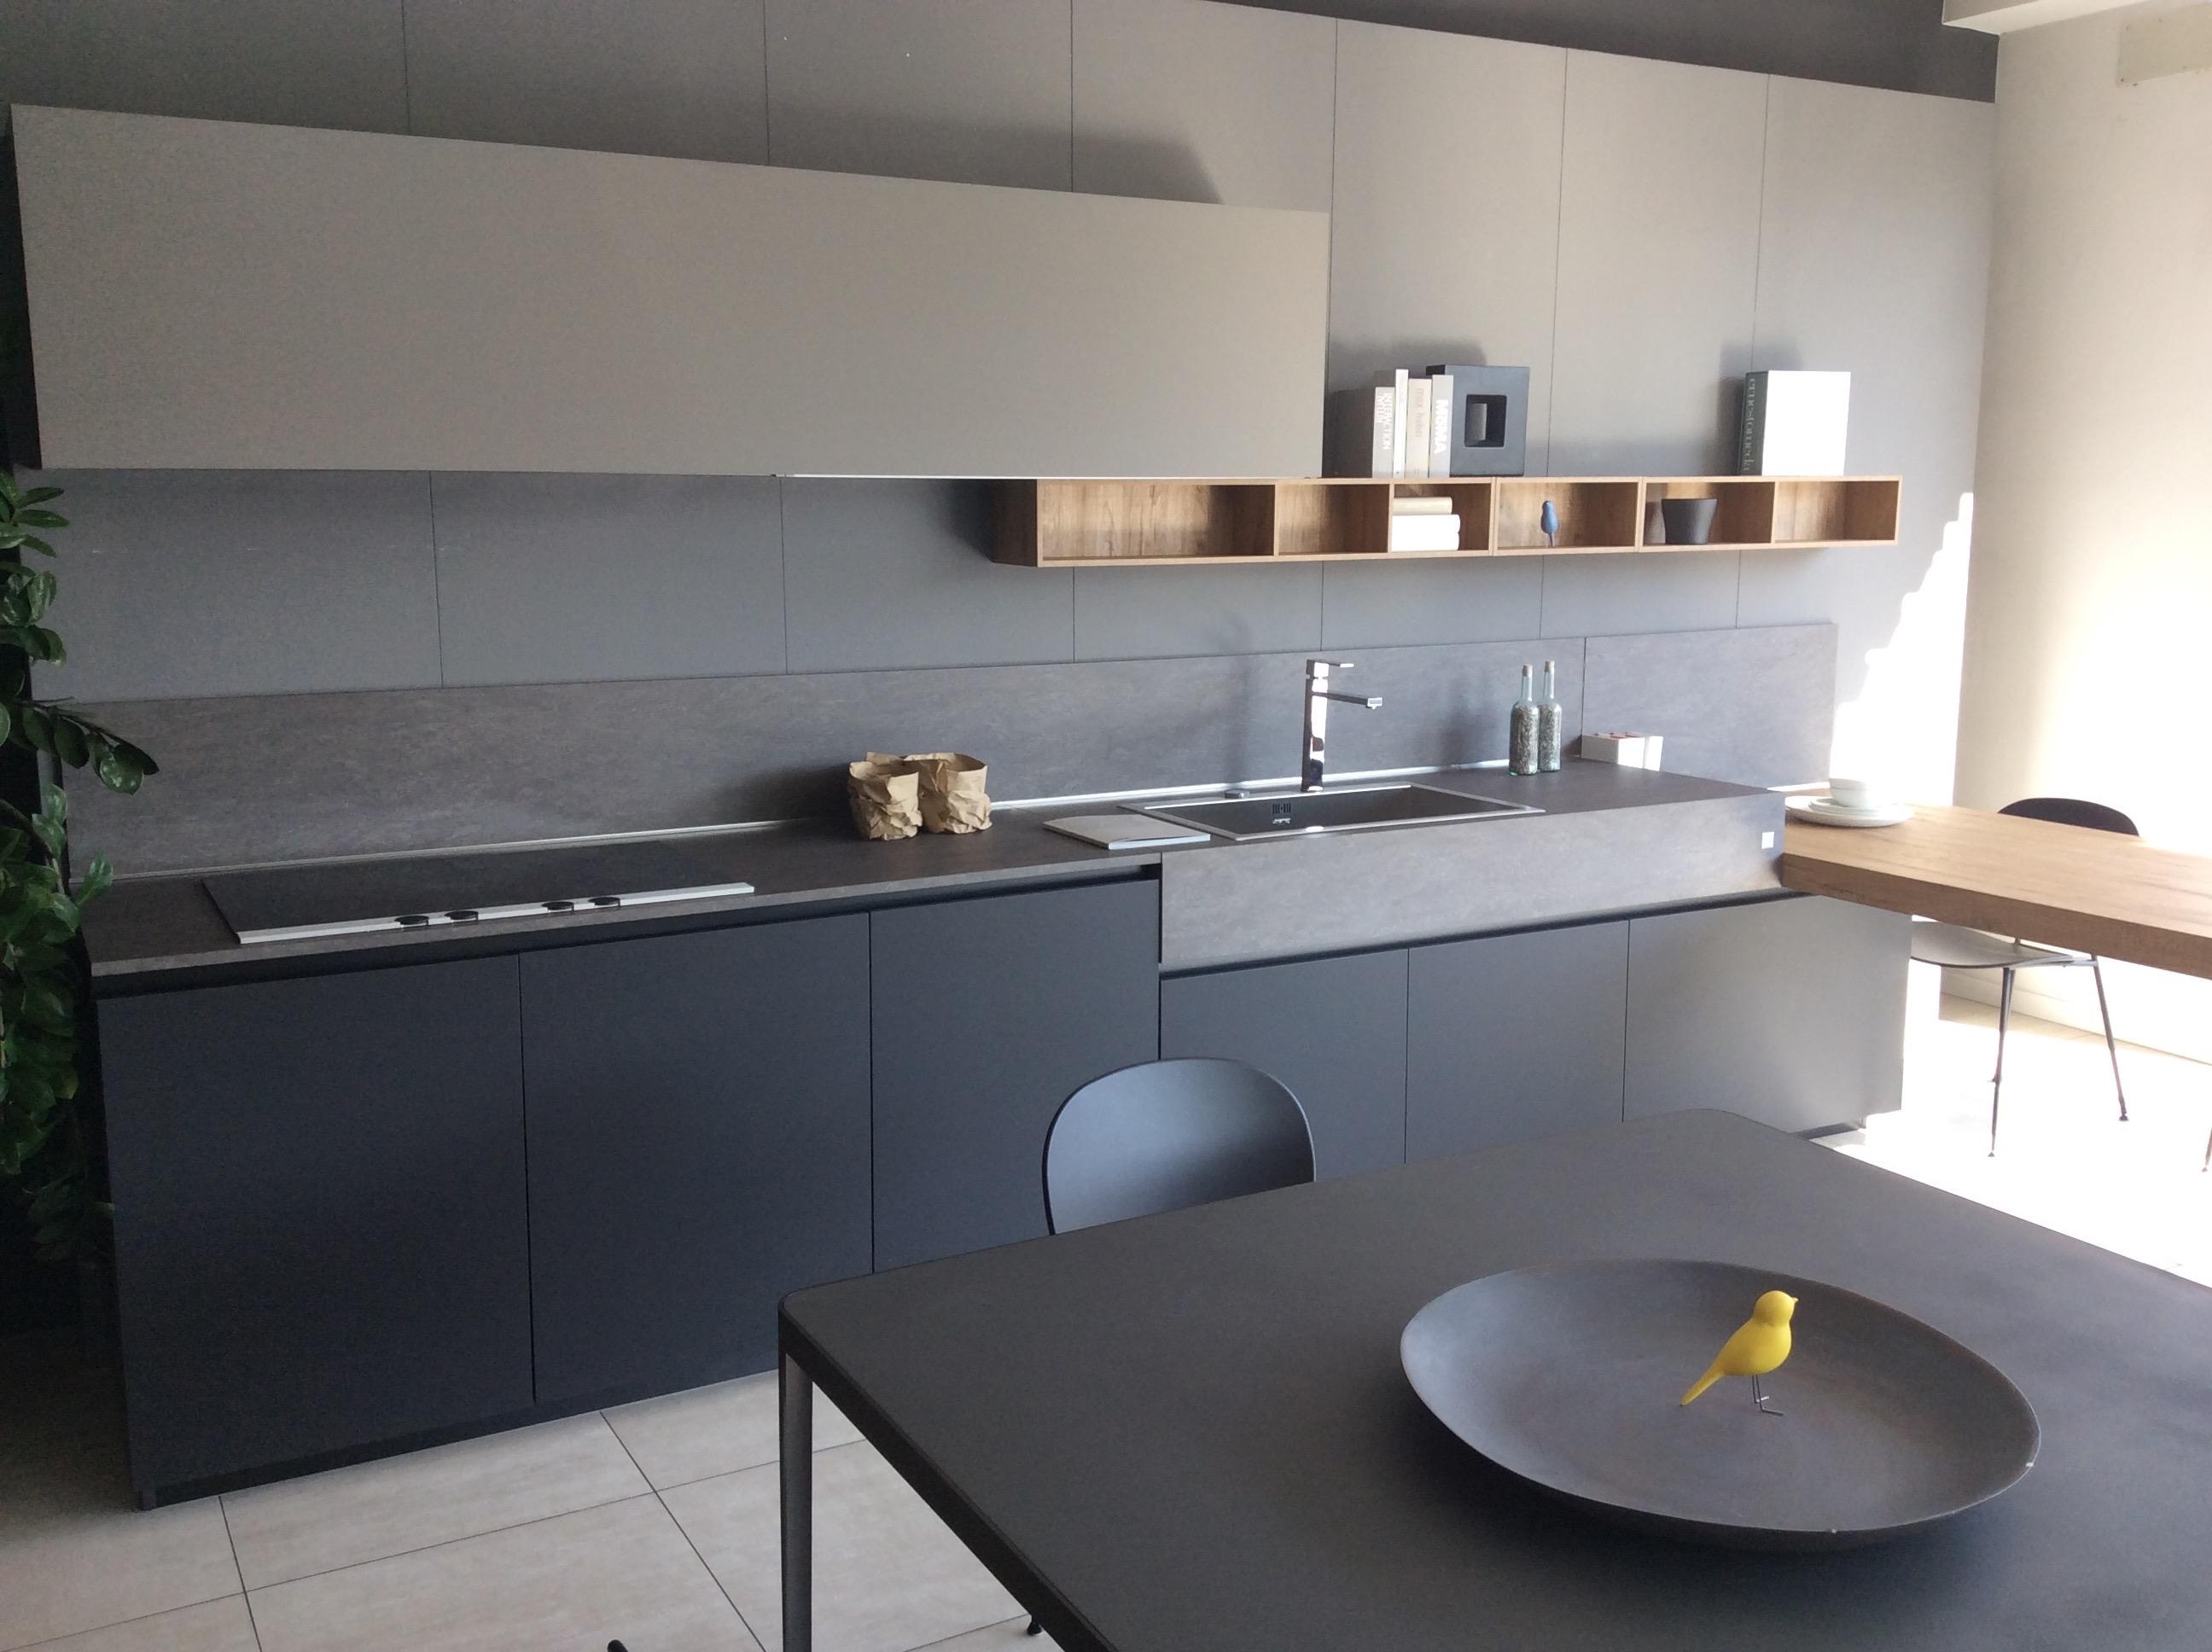 Cucina ernestomeda one80 design cucine a prezzi scontati - Prezzi cucine ernesto meda ...